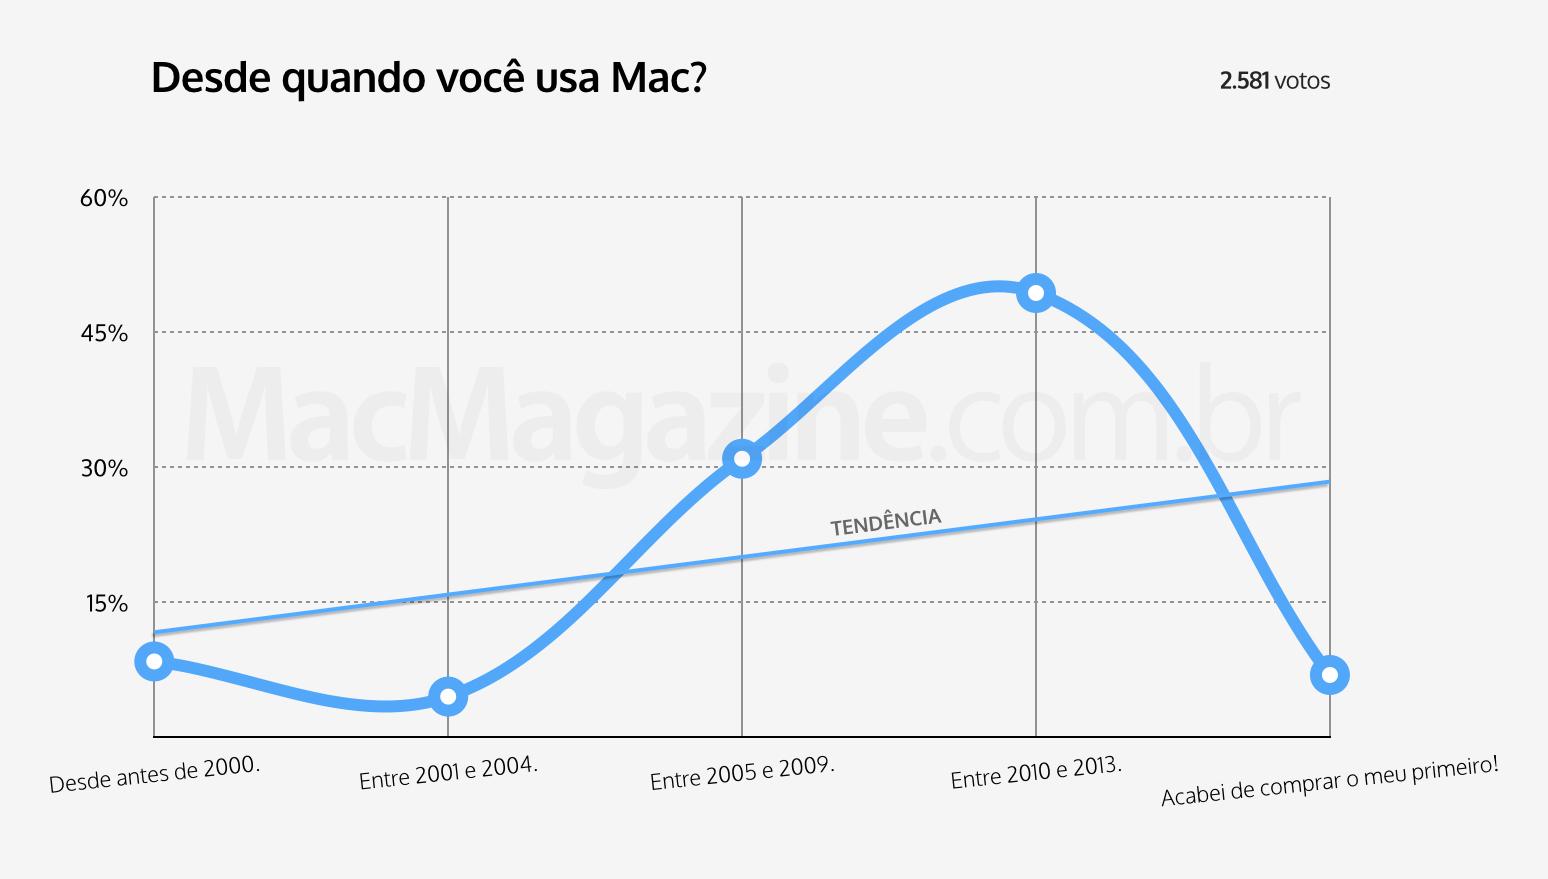 Enquete - Desde quando você usa Mac?